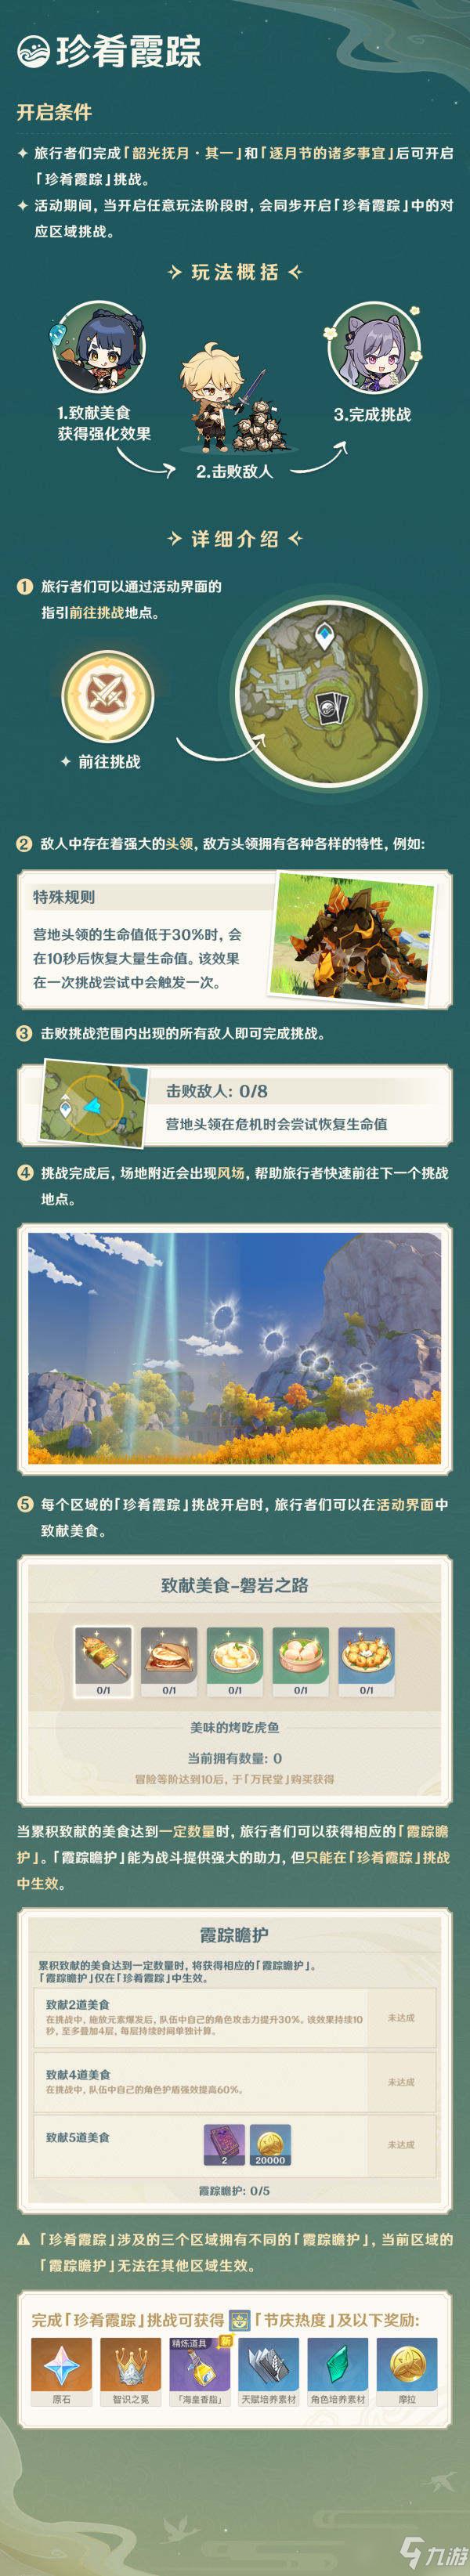 《原神》珍肴霞踪活动玩法讲解